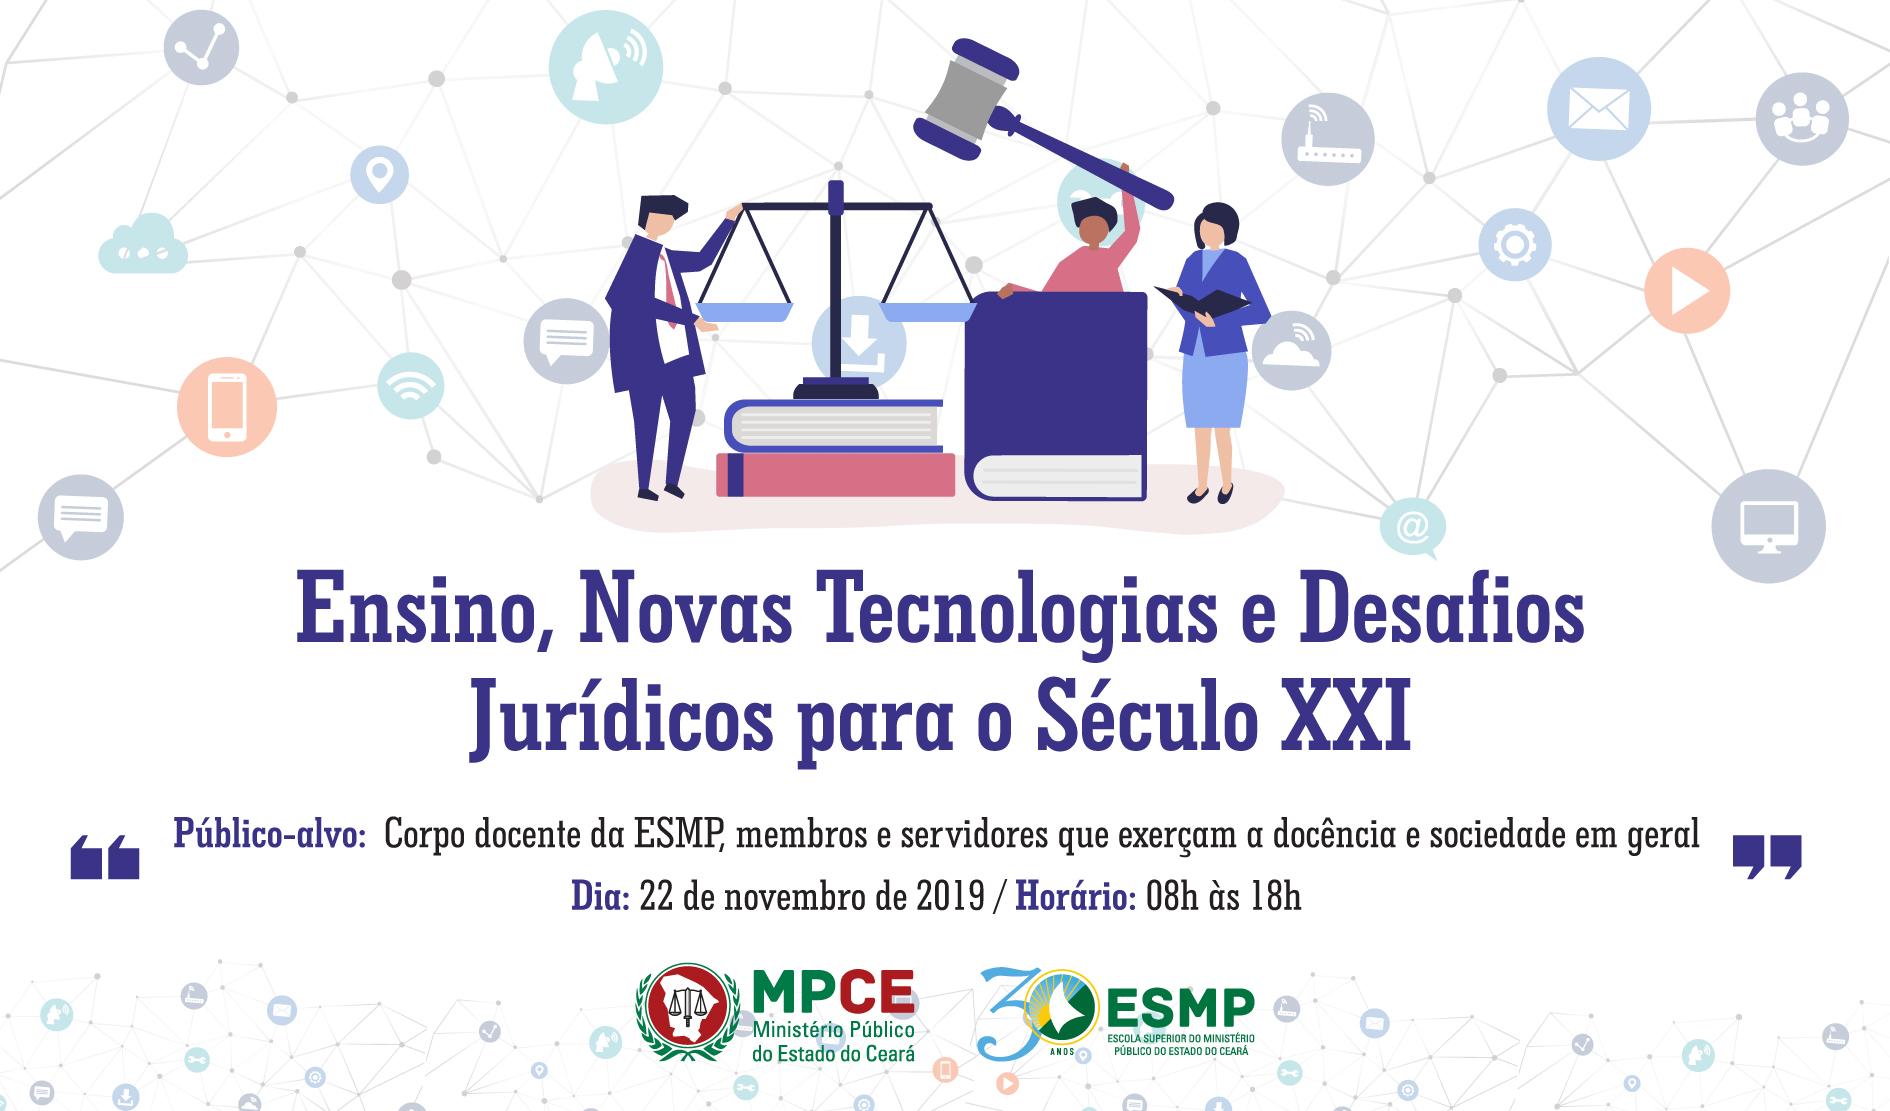 ENSINO, NOVAS TECNOLOGIAS E DESAFIOS JURÍDICOS PARA O SÉCULO XXI